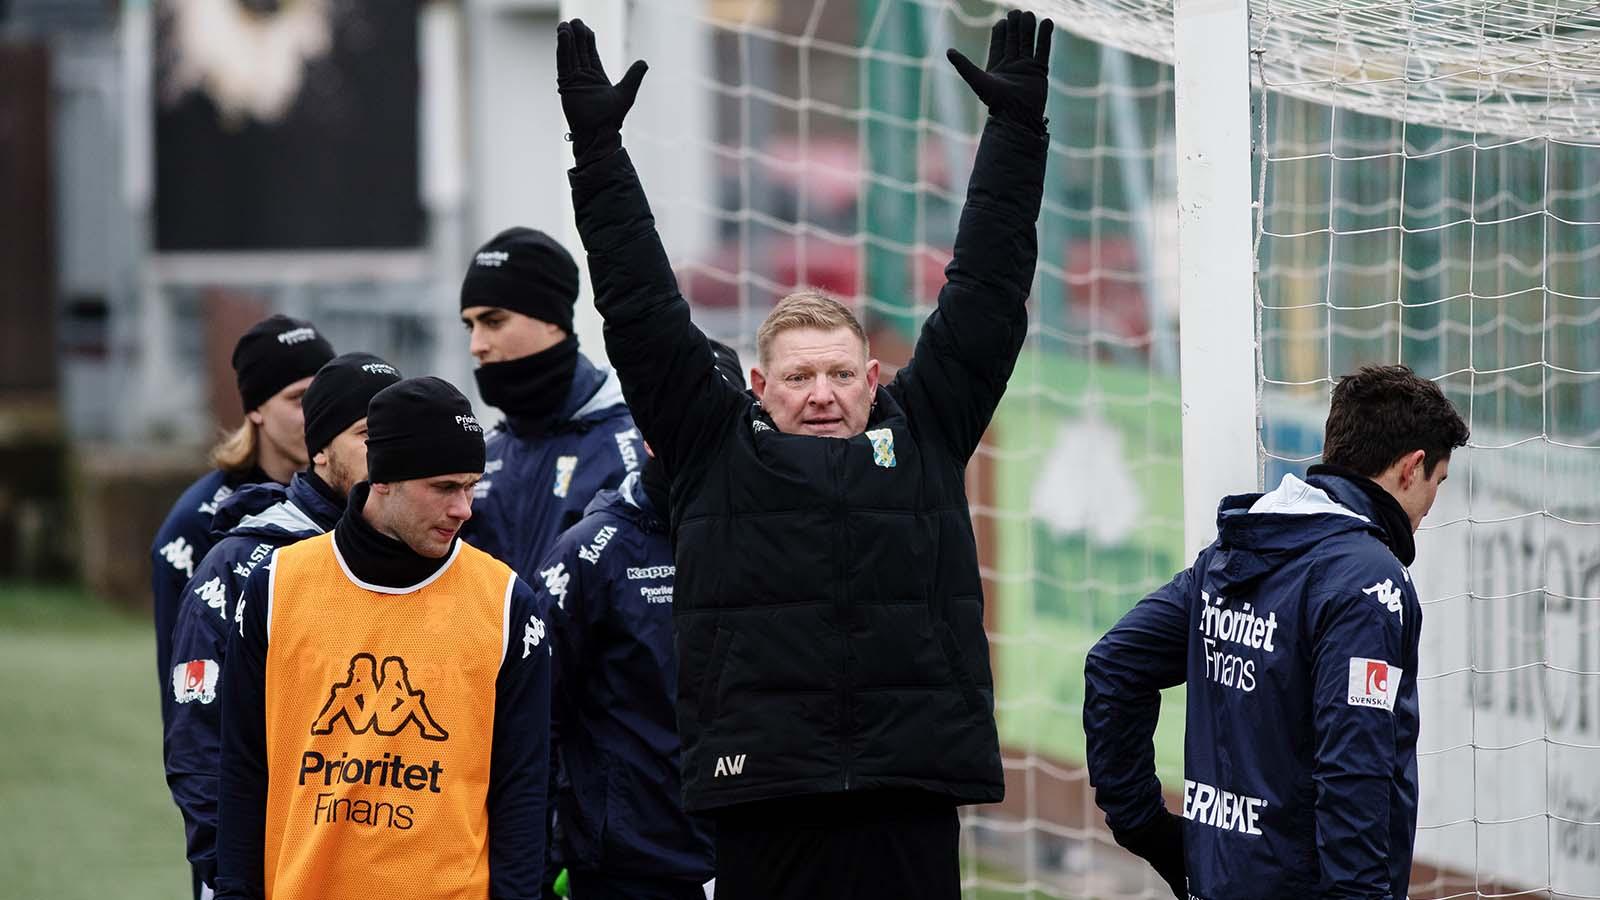 180323 Assisterande tränare Alf Westerberg instruerar spelarna under en träning med det allsvenska fotbollslaget IFK Göteborg den 23 mars 2018 i Göteborg.